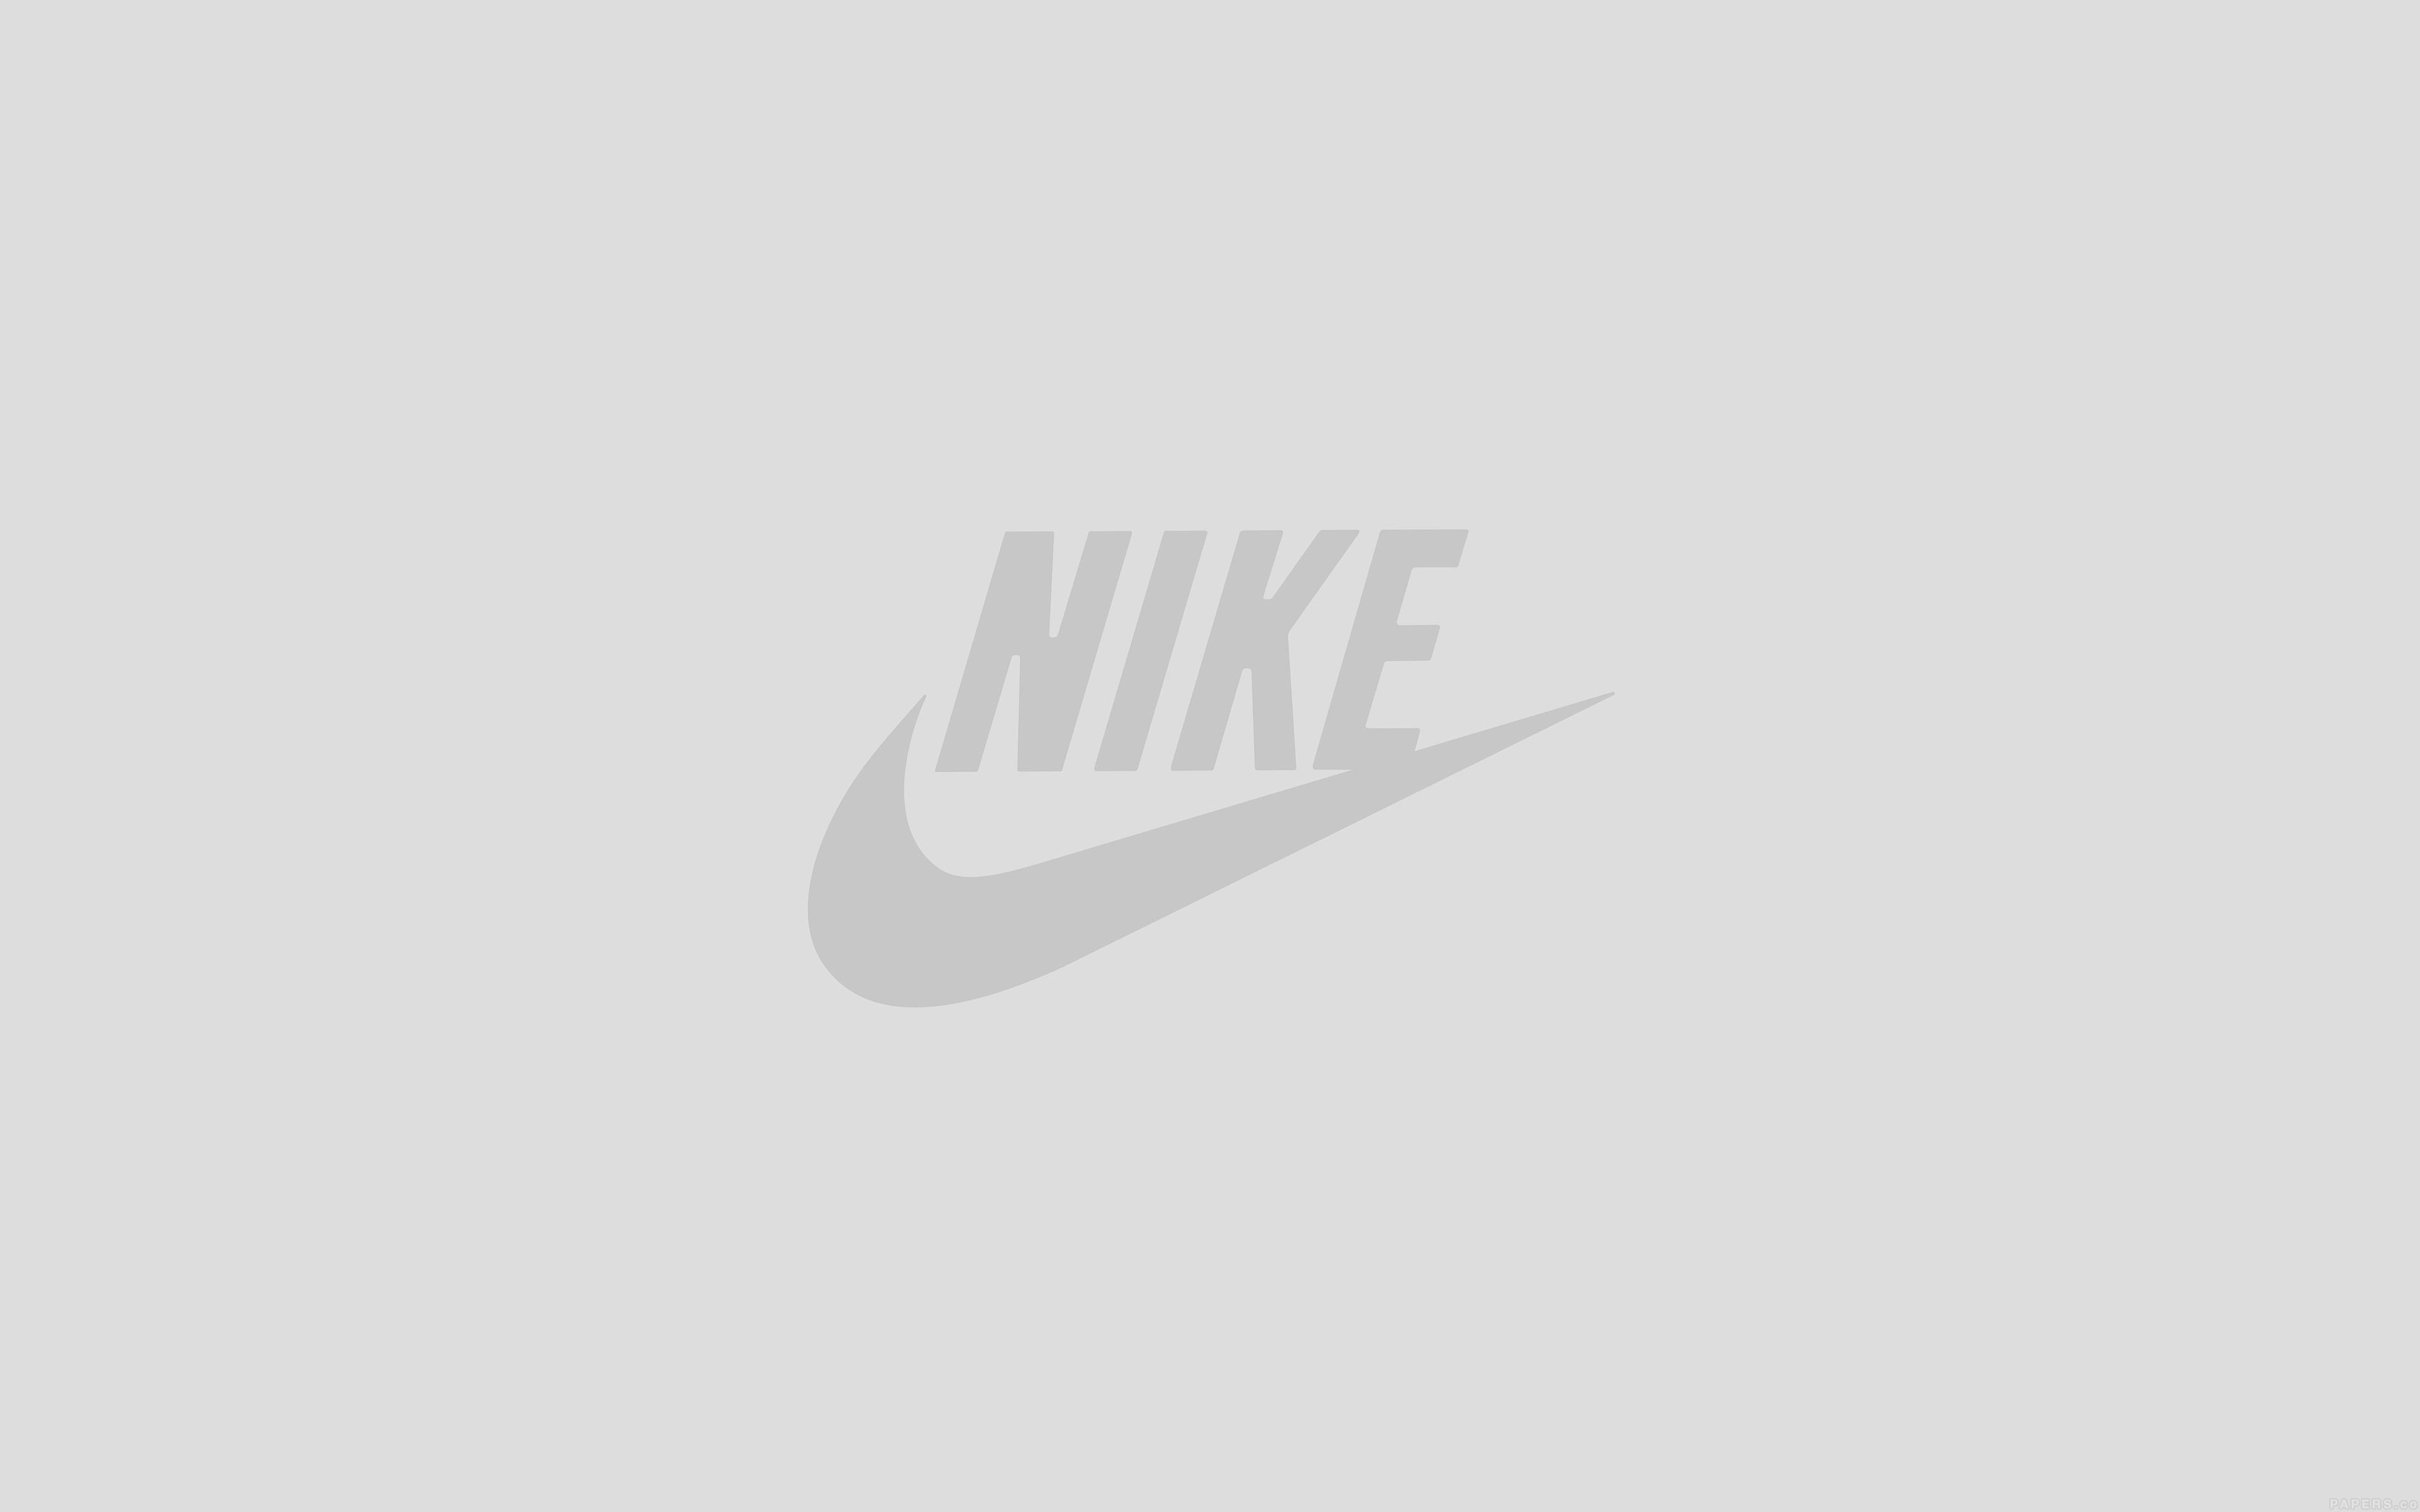 Fantastic Wallpaper Macbook Nike - papers  Image_591329.jpg